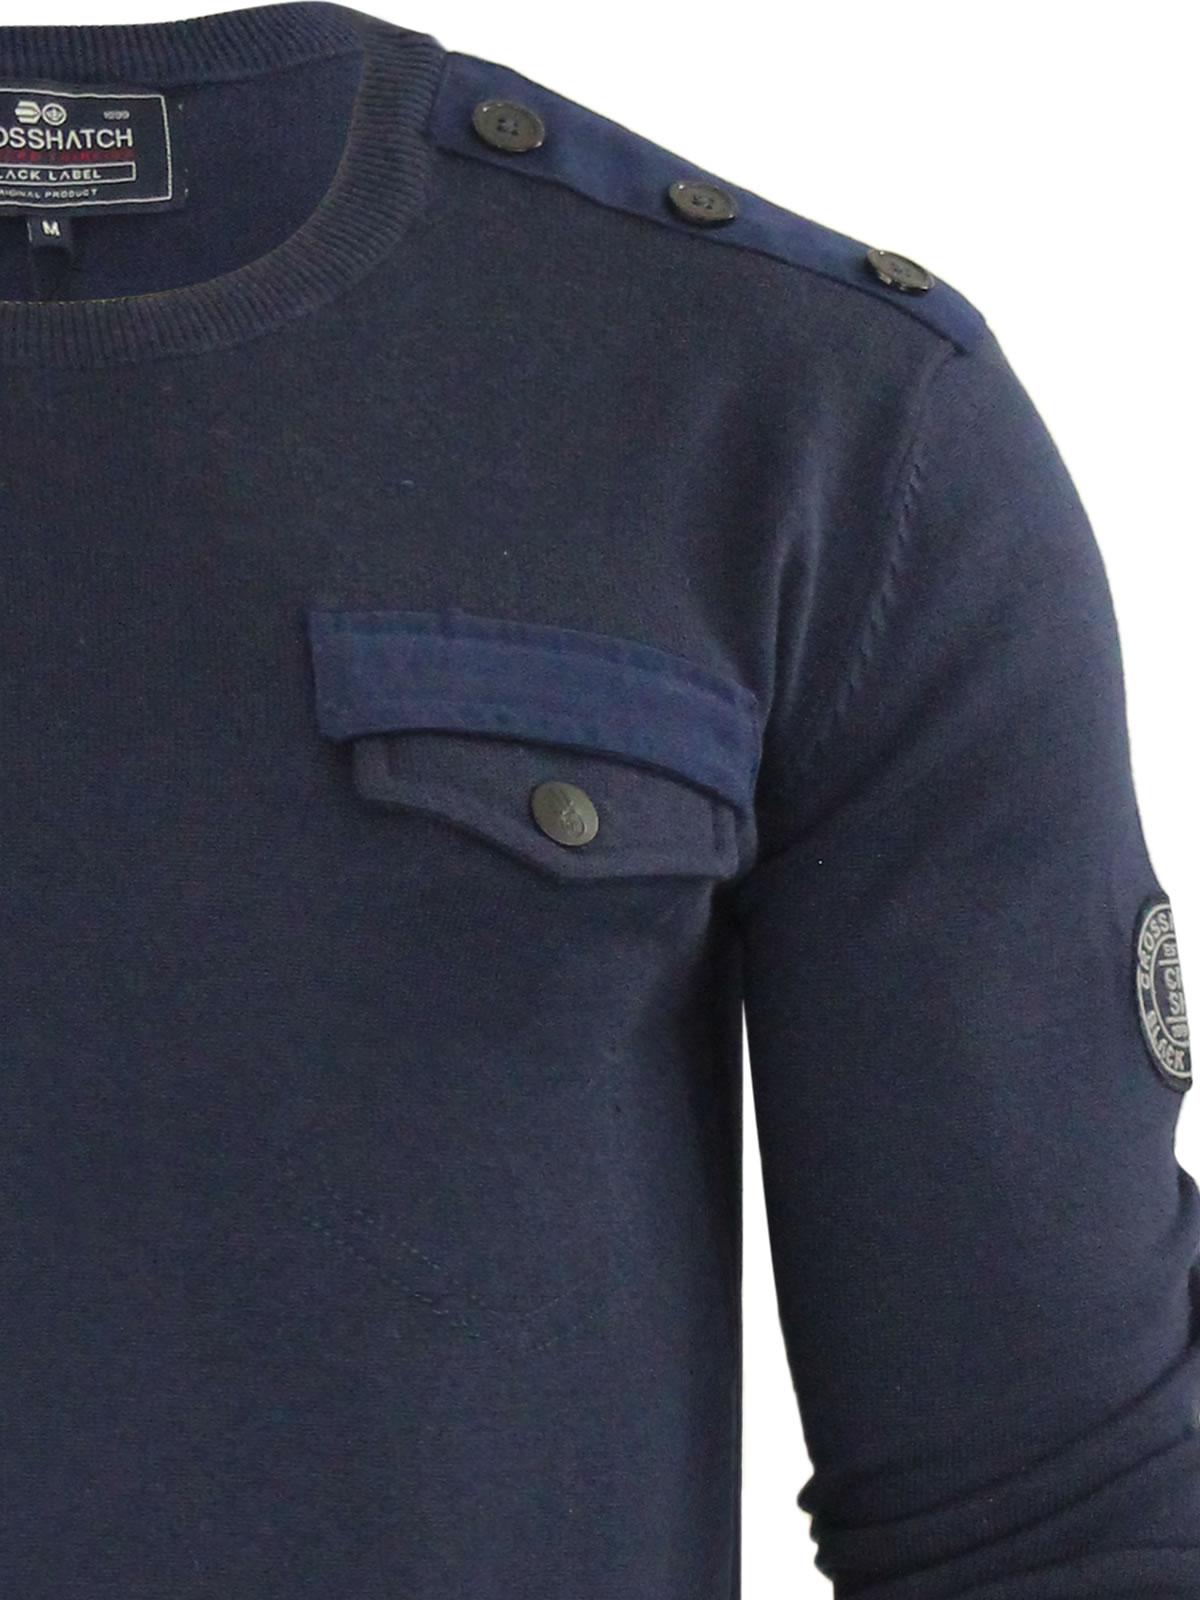 herren-pullover-crosshatch-barrowell-rundhals-strickpullover Indexbild 10